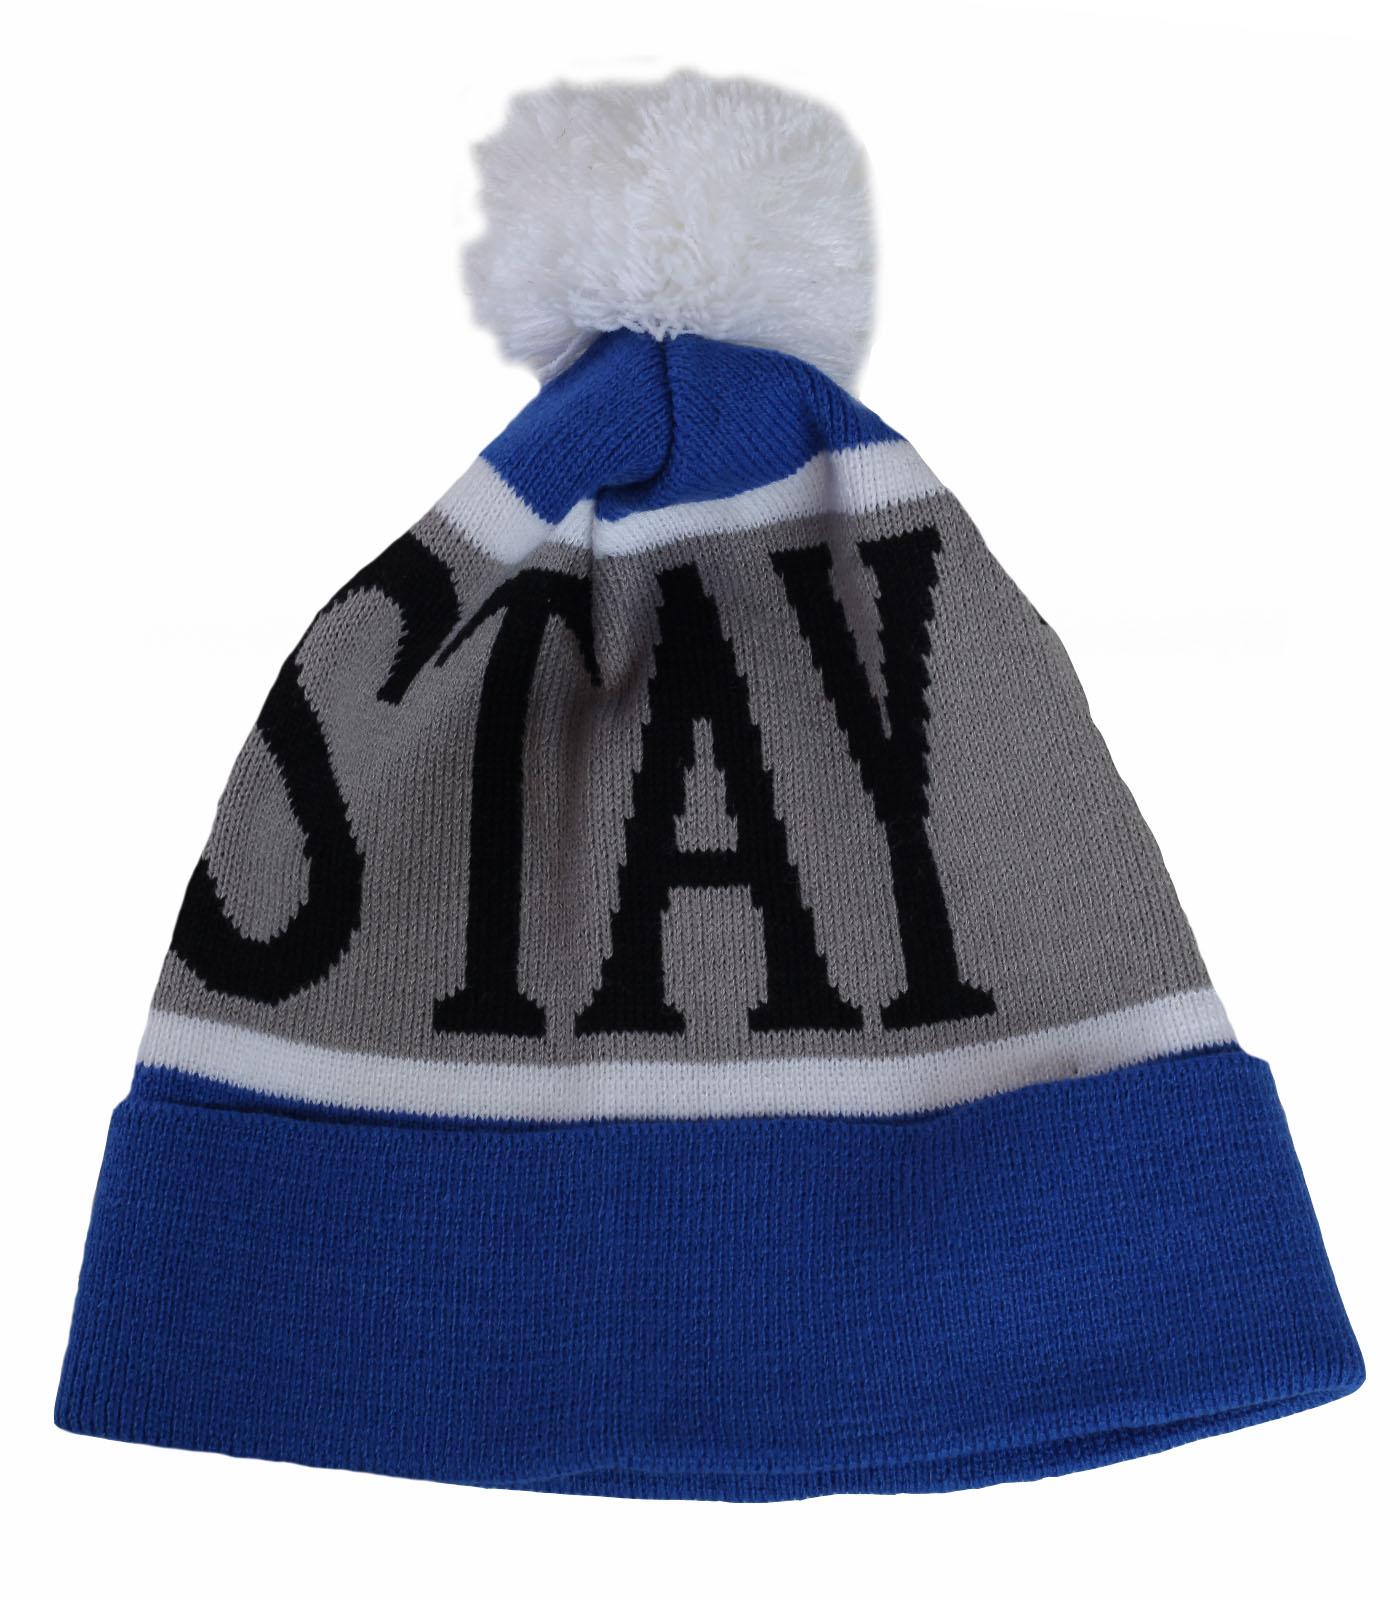 Купить современную уникальную мужскую шапку STAY TRUE с отворотом молодежный стиль по выгодной цене